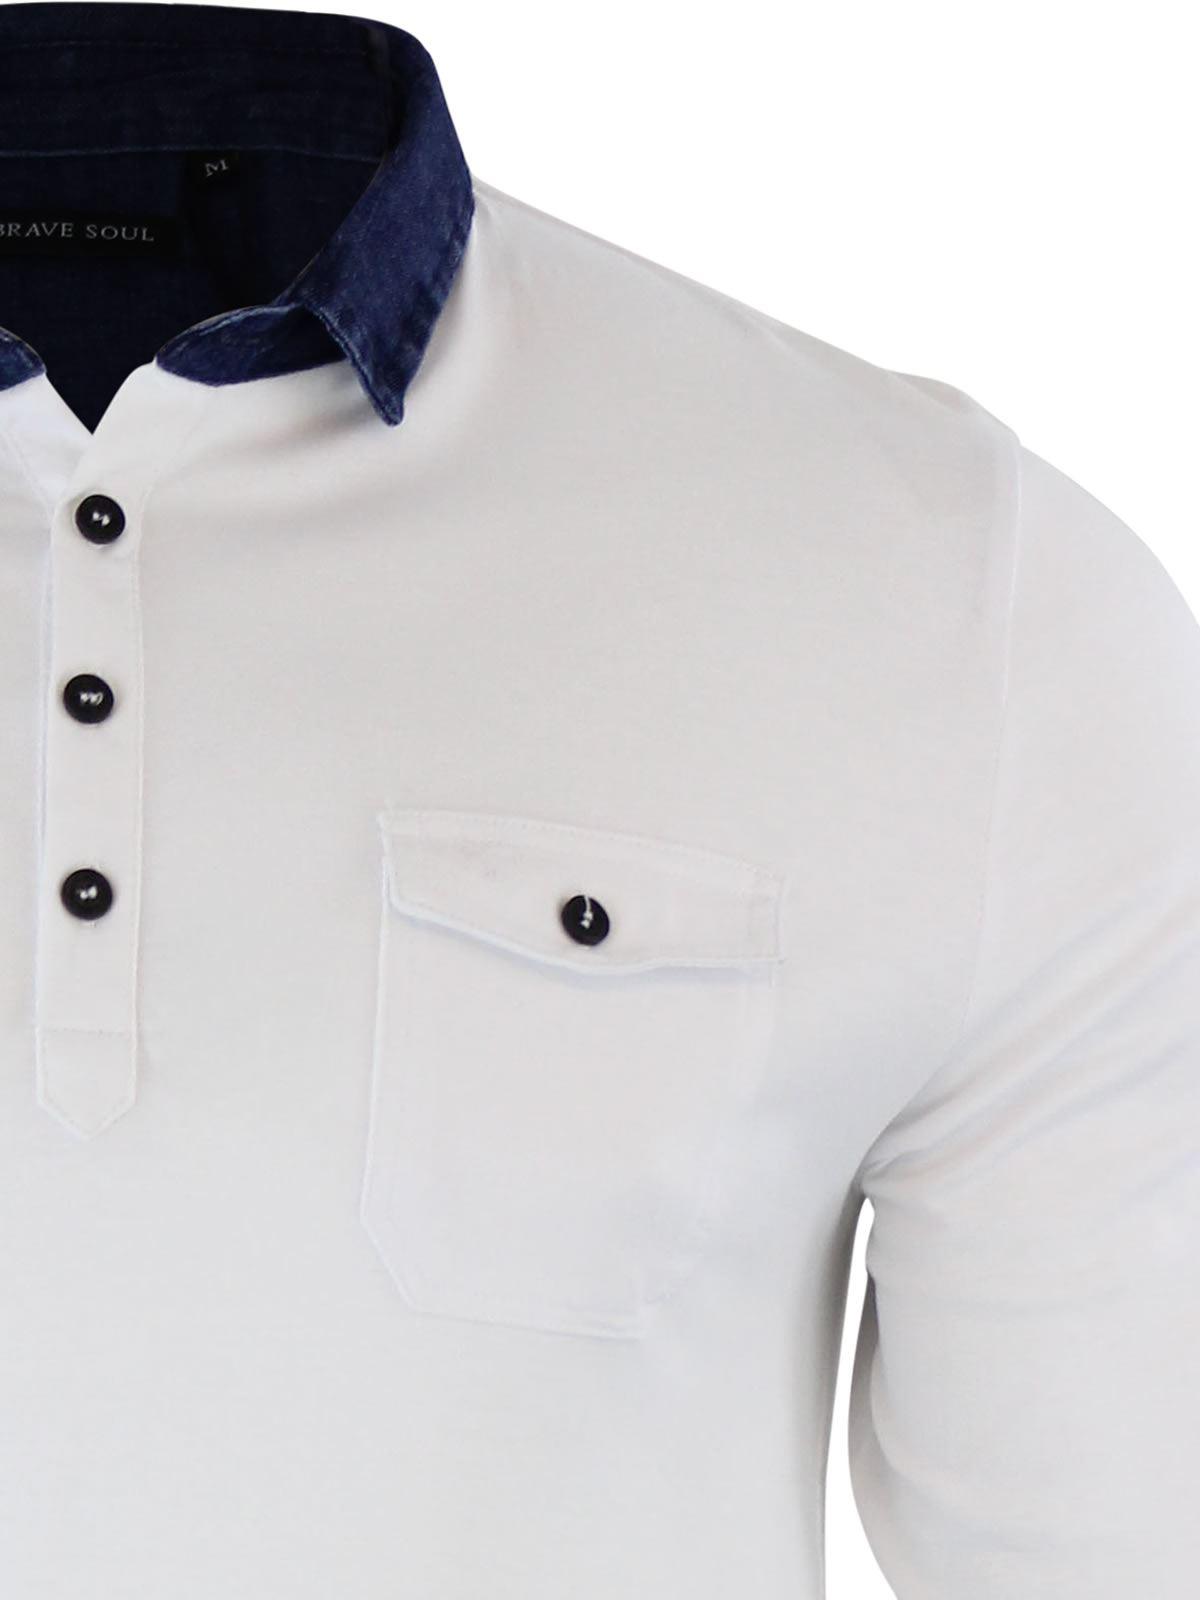 Brave-Soul-Polo-Homme-a-Manches-Longues-A-Col-Haut-Dans-Divers-Styles miniature 106